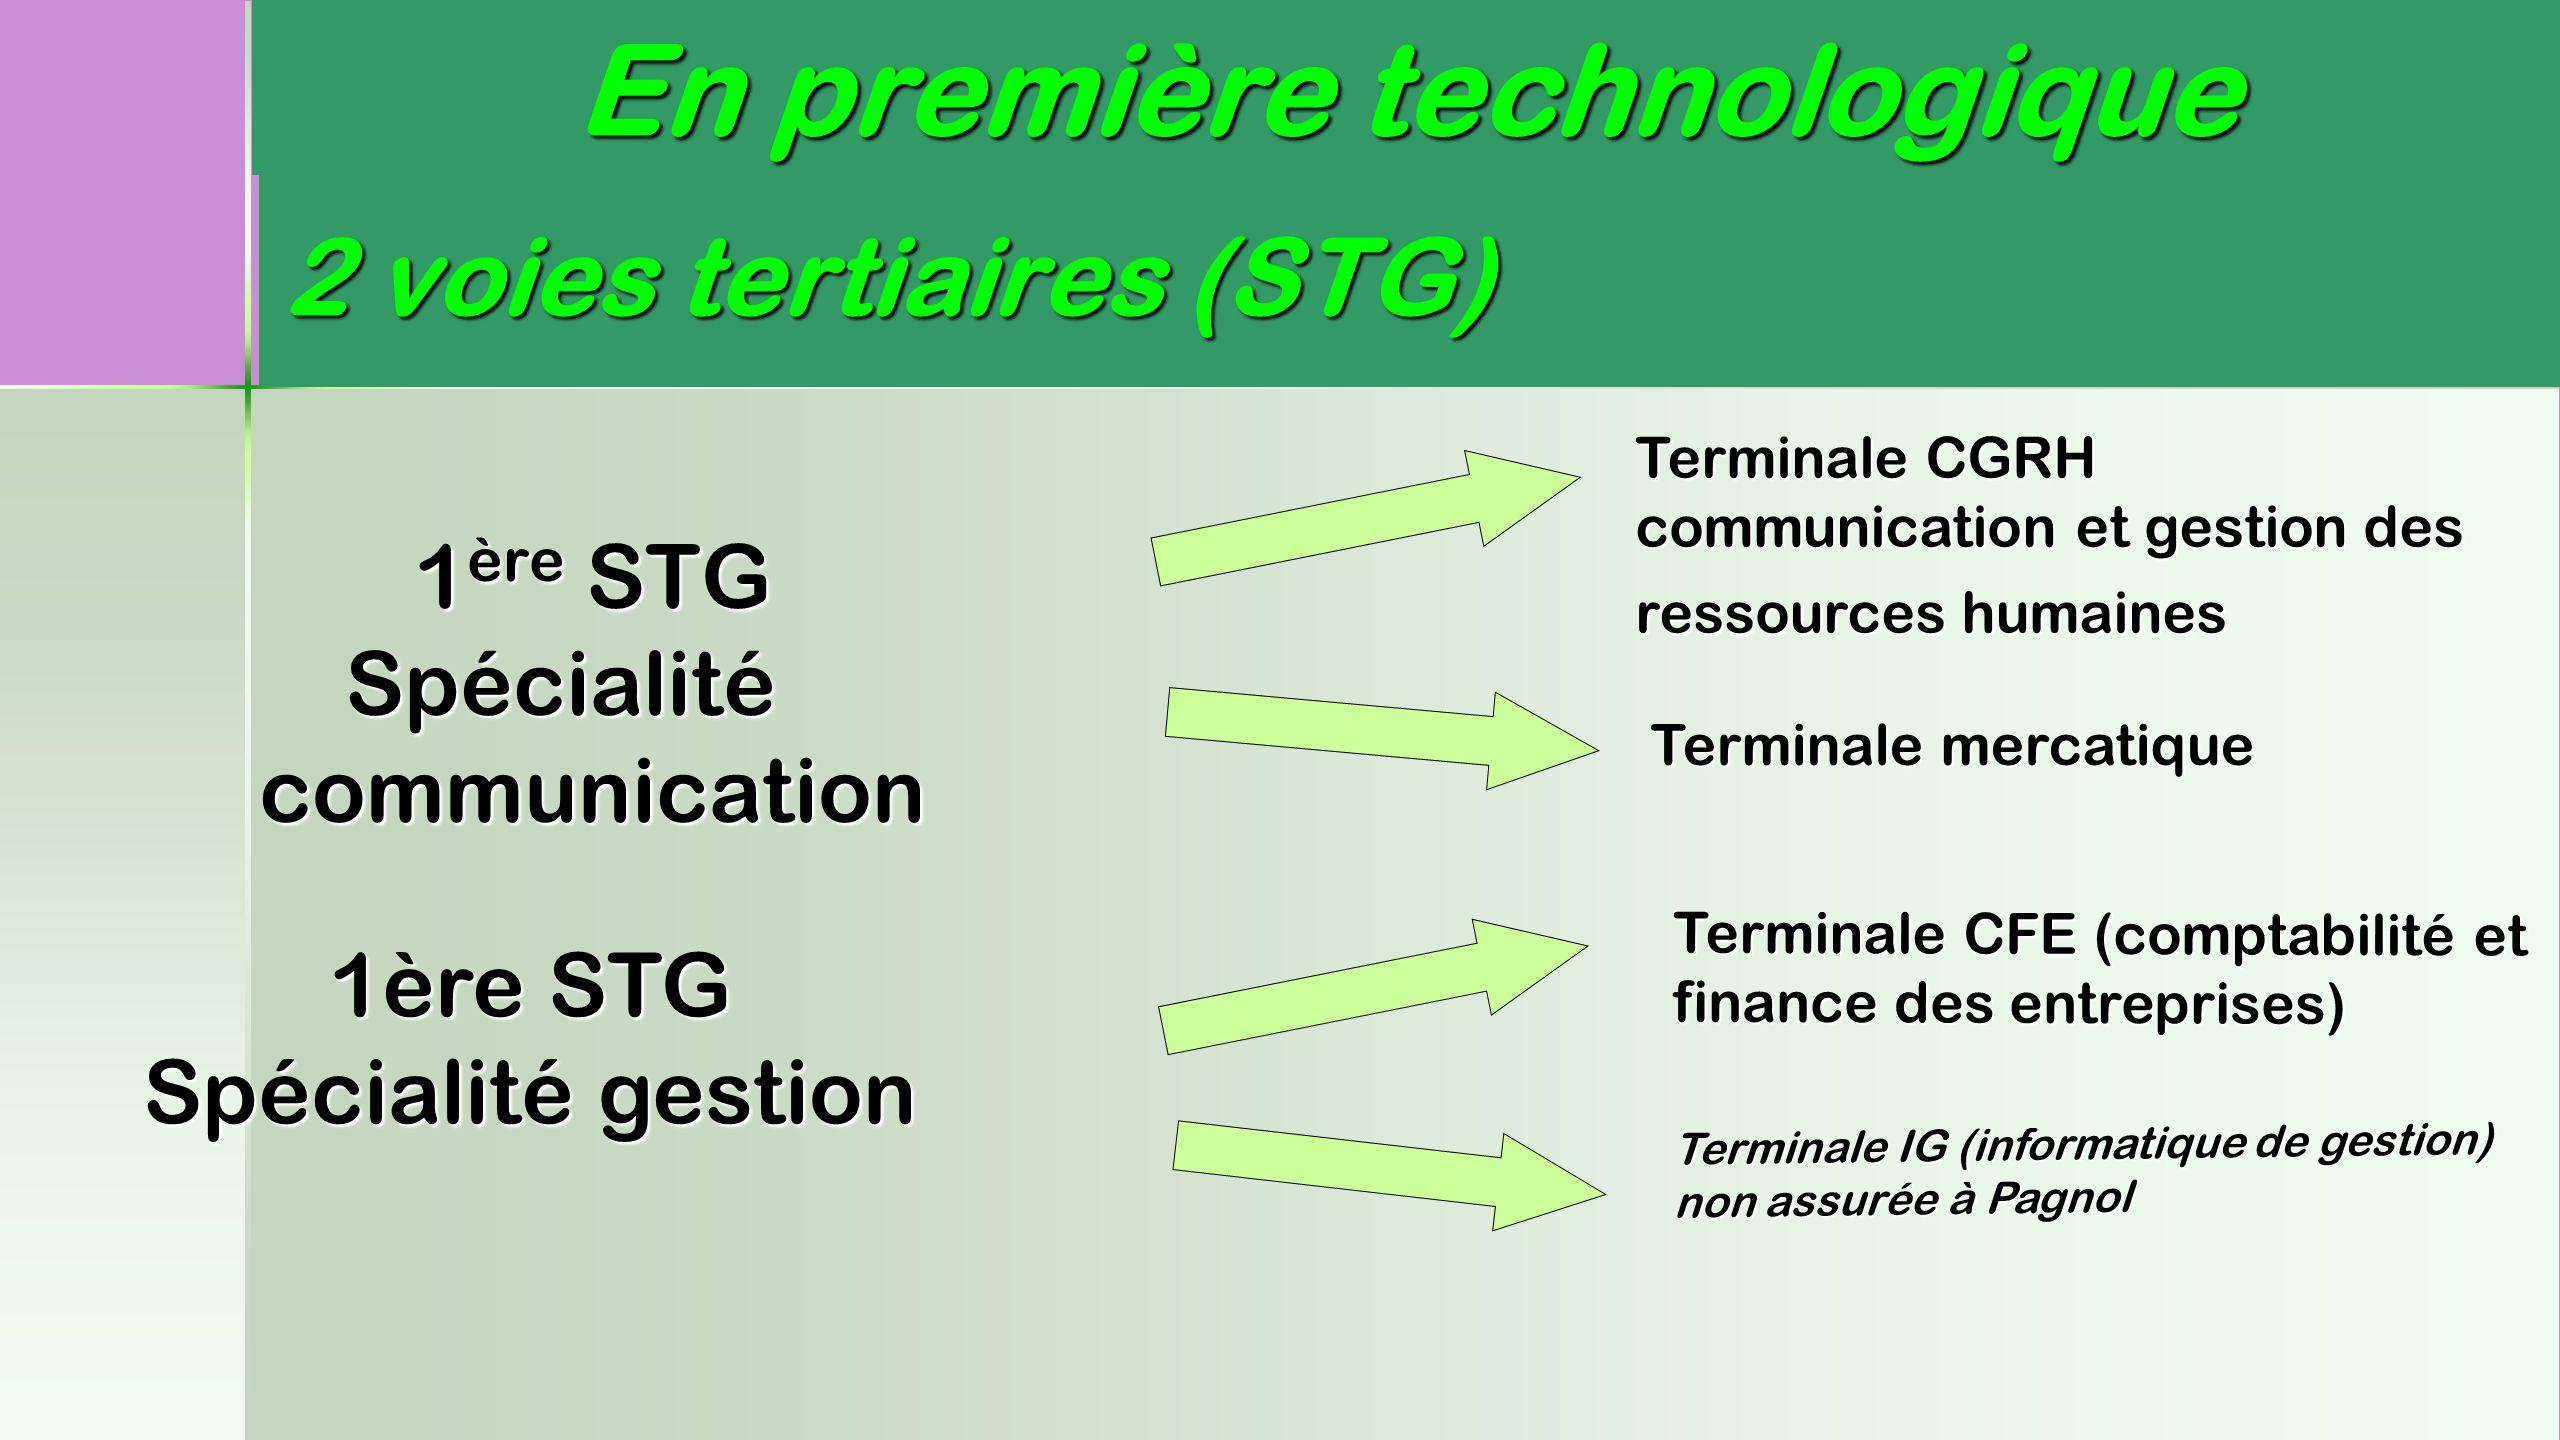 2 voies tertiaires (STG) 1 ère STG Spécialité communication Spécialité communication Terminale CGRH communication et gestion des ressources humaines T